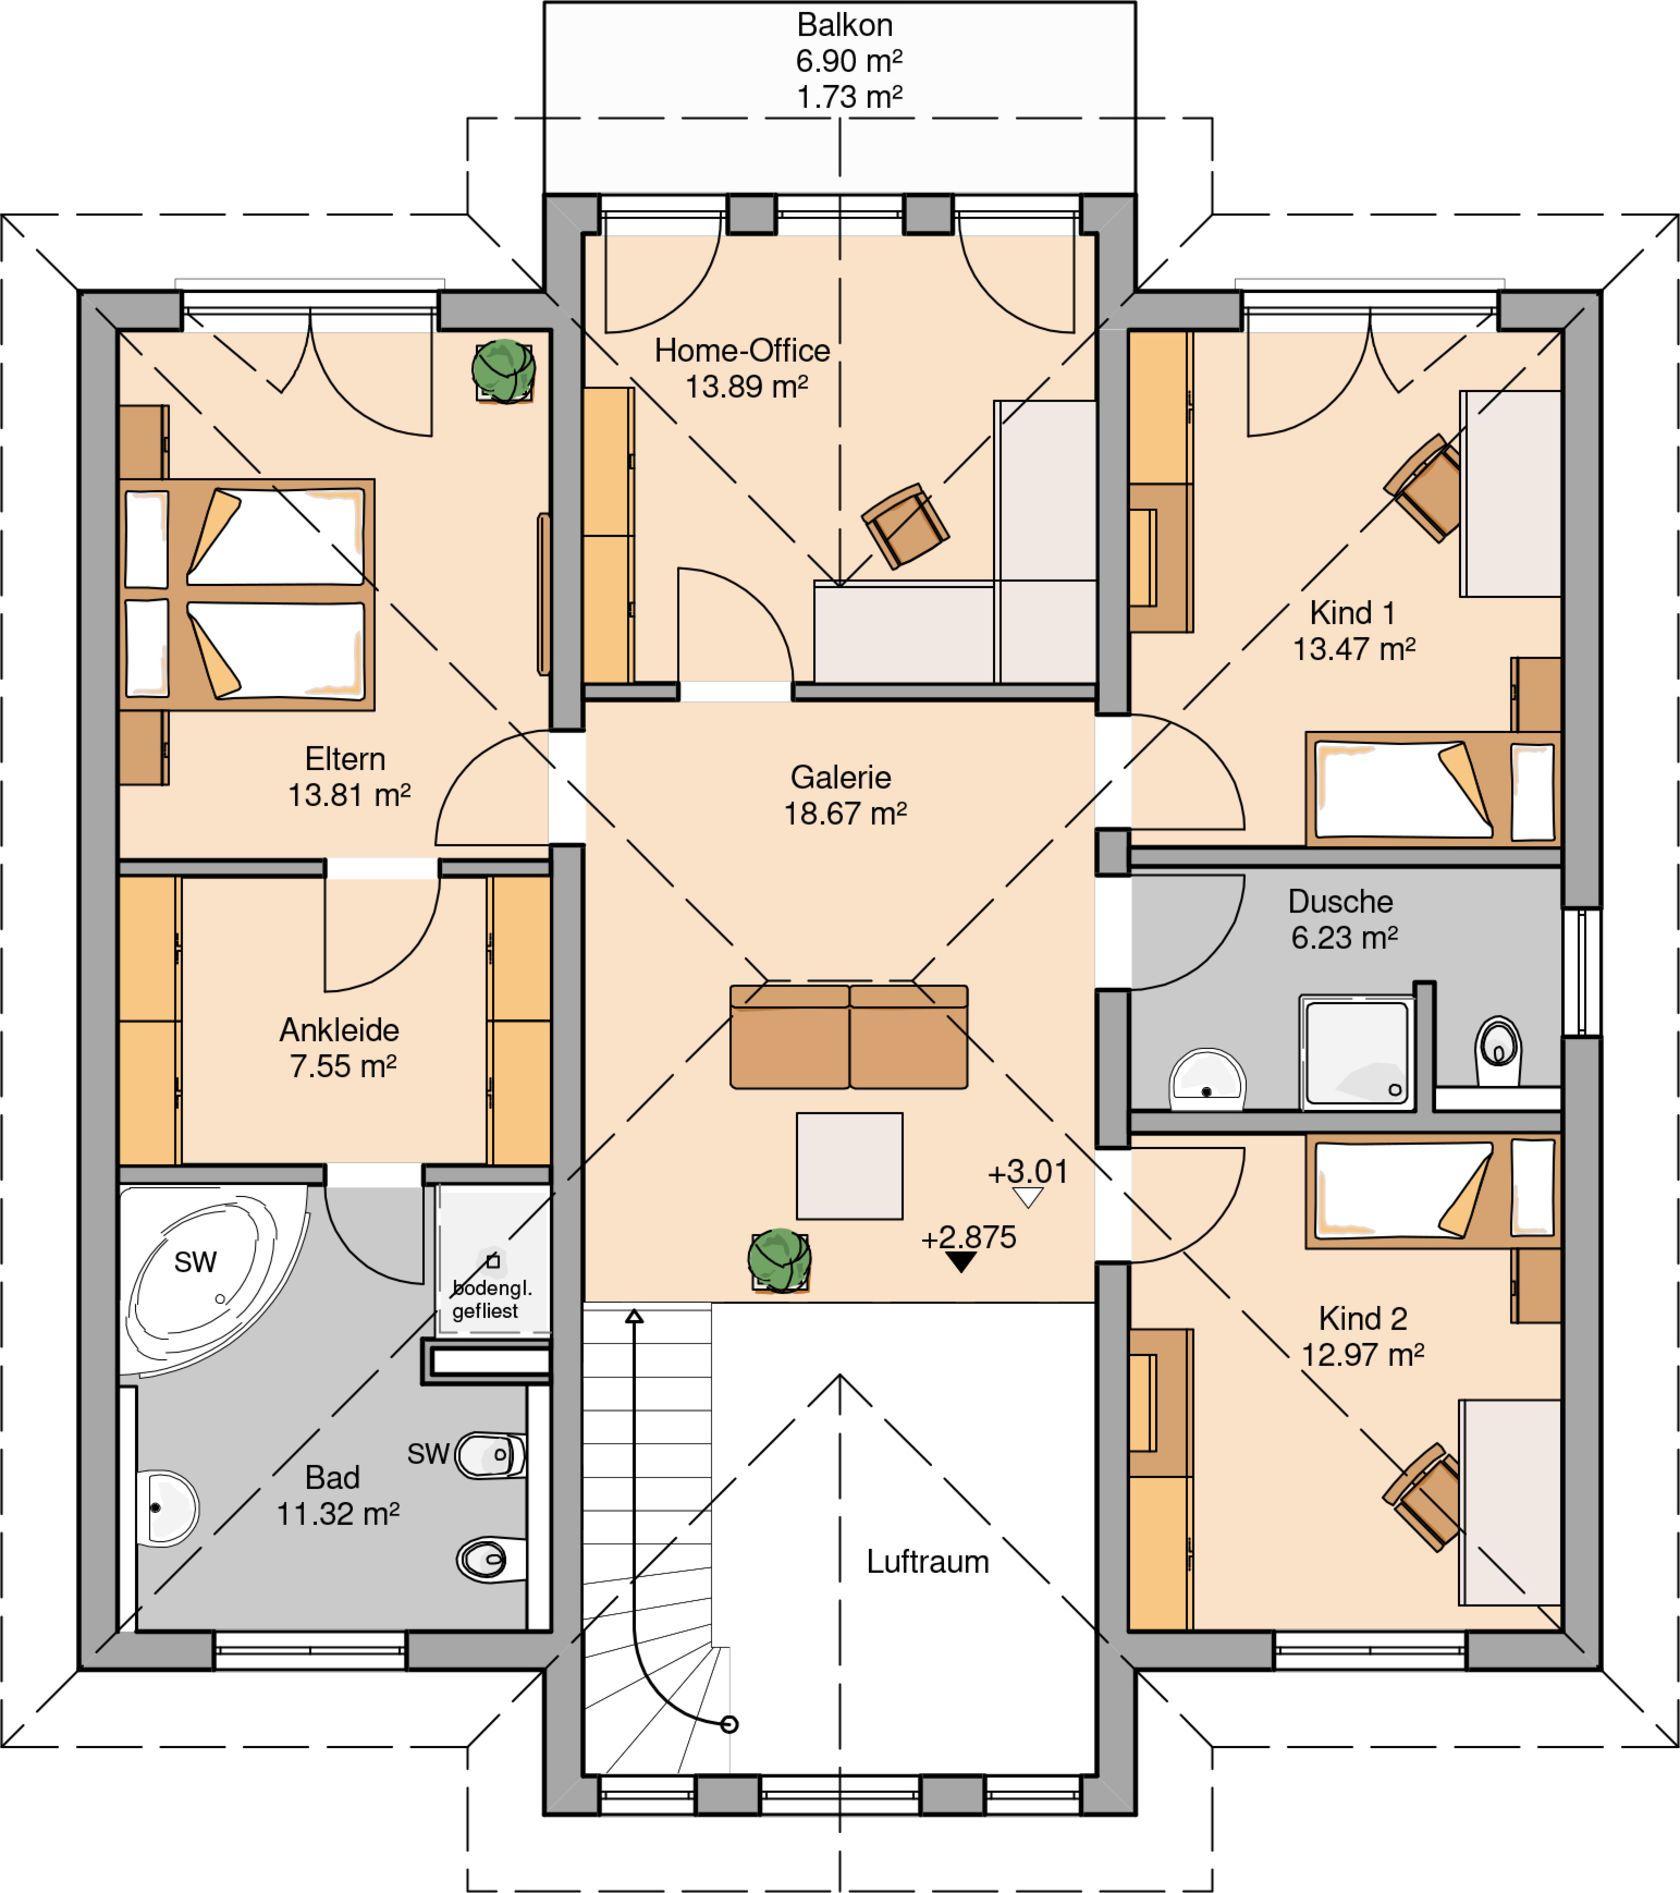 Grundriss einfamilienhaus modern obergeschoss  Kern-Haus Stadtvilla Karat Grundriss Obergeschoss | Häuser ...